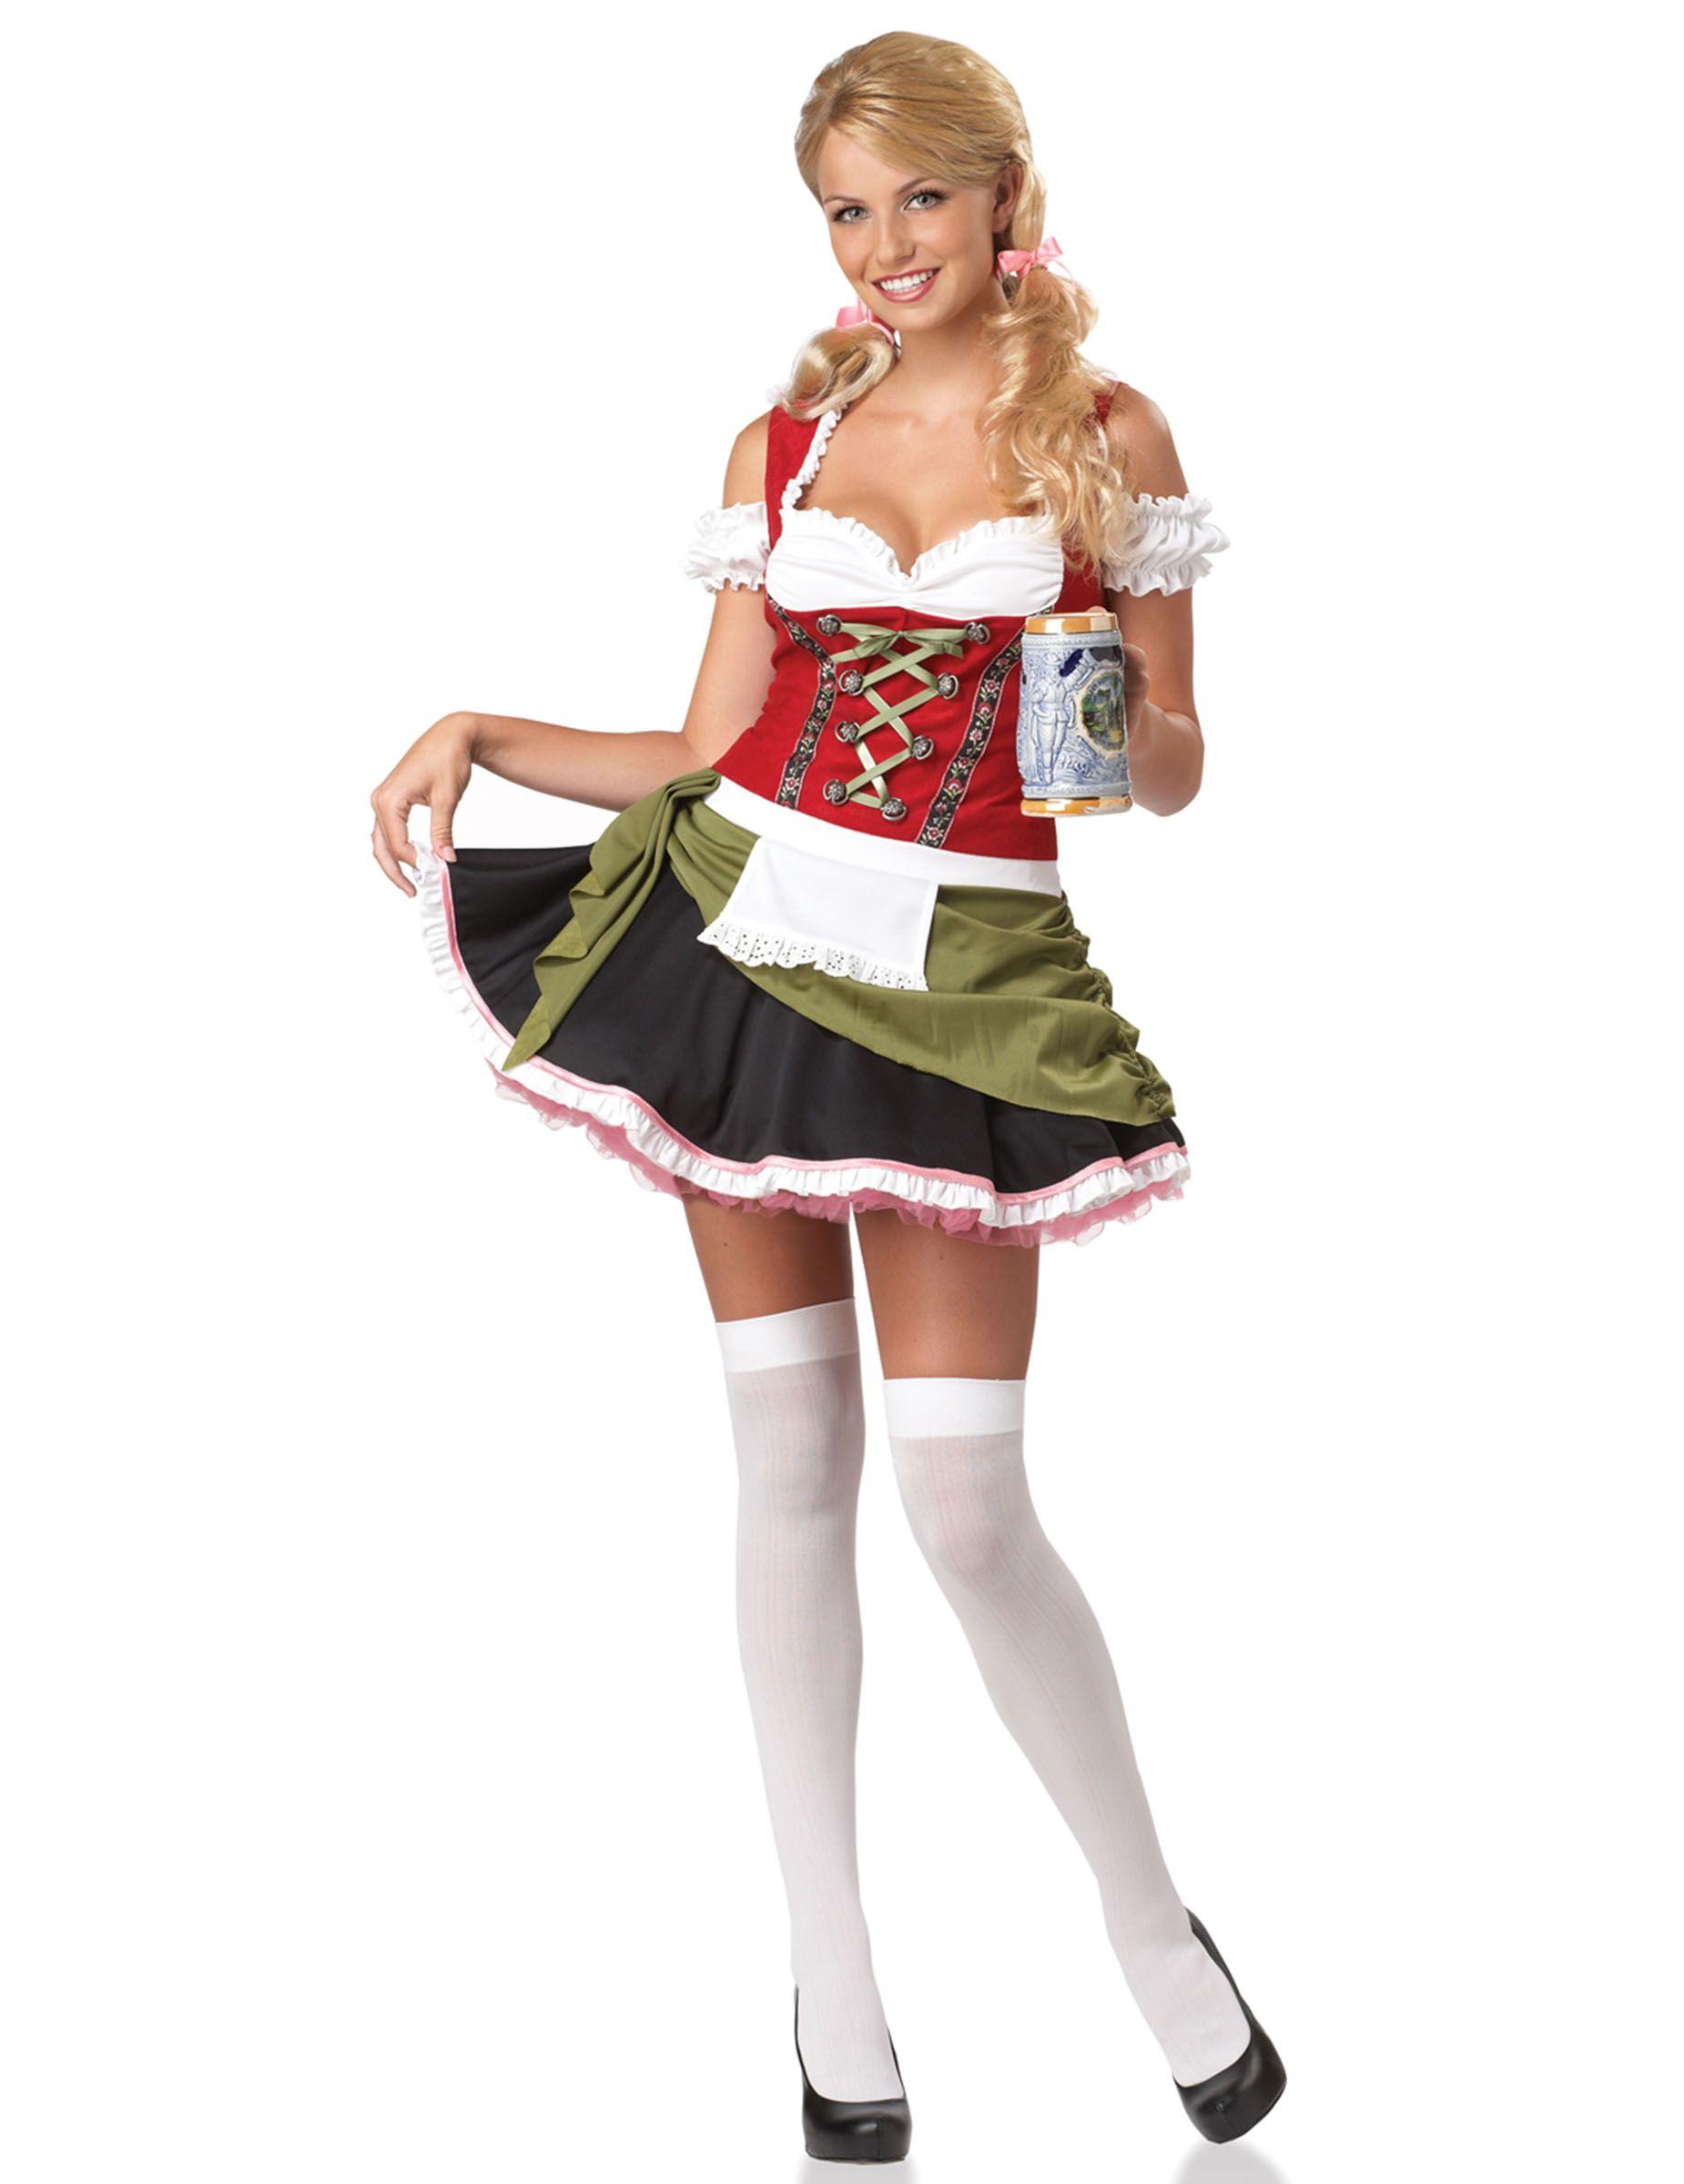 e0a1ef7d102542 Bayerin Oktoberfest Dirndl Damenkostüm bunt , günstige Faschings Kostüme  bei Karneval Megastore, der größte Karneval und Faschings Kostüm- und  Partyartikel ...